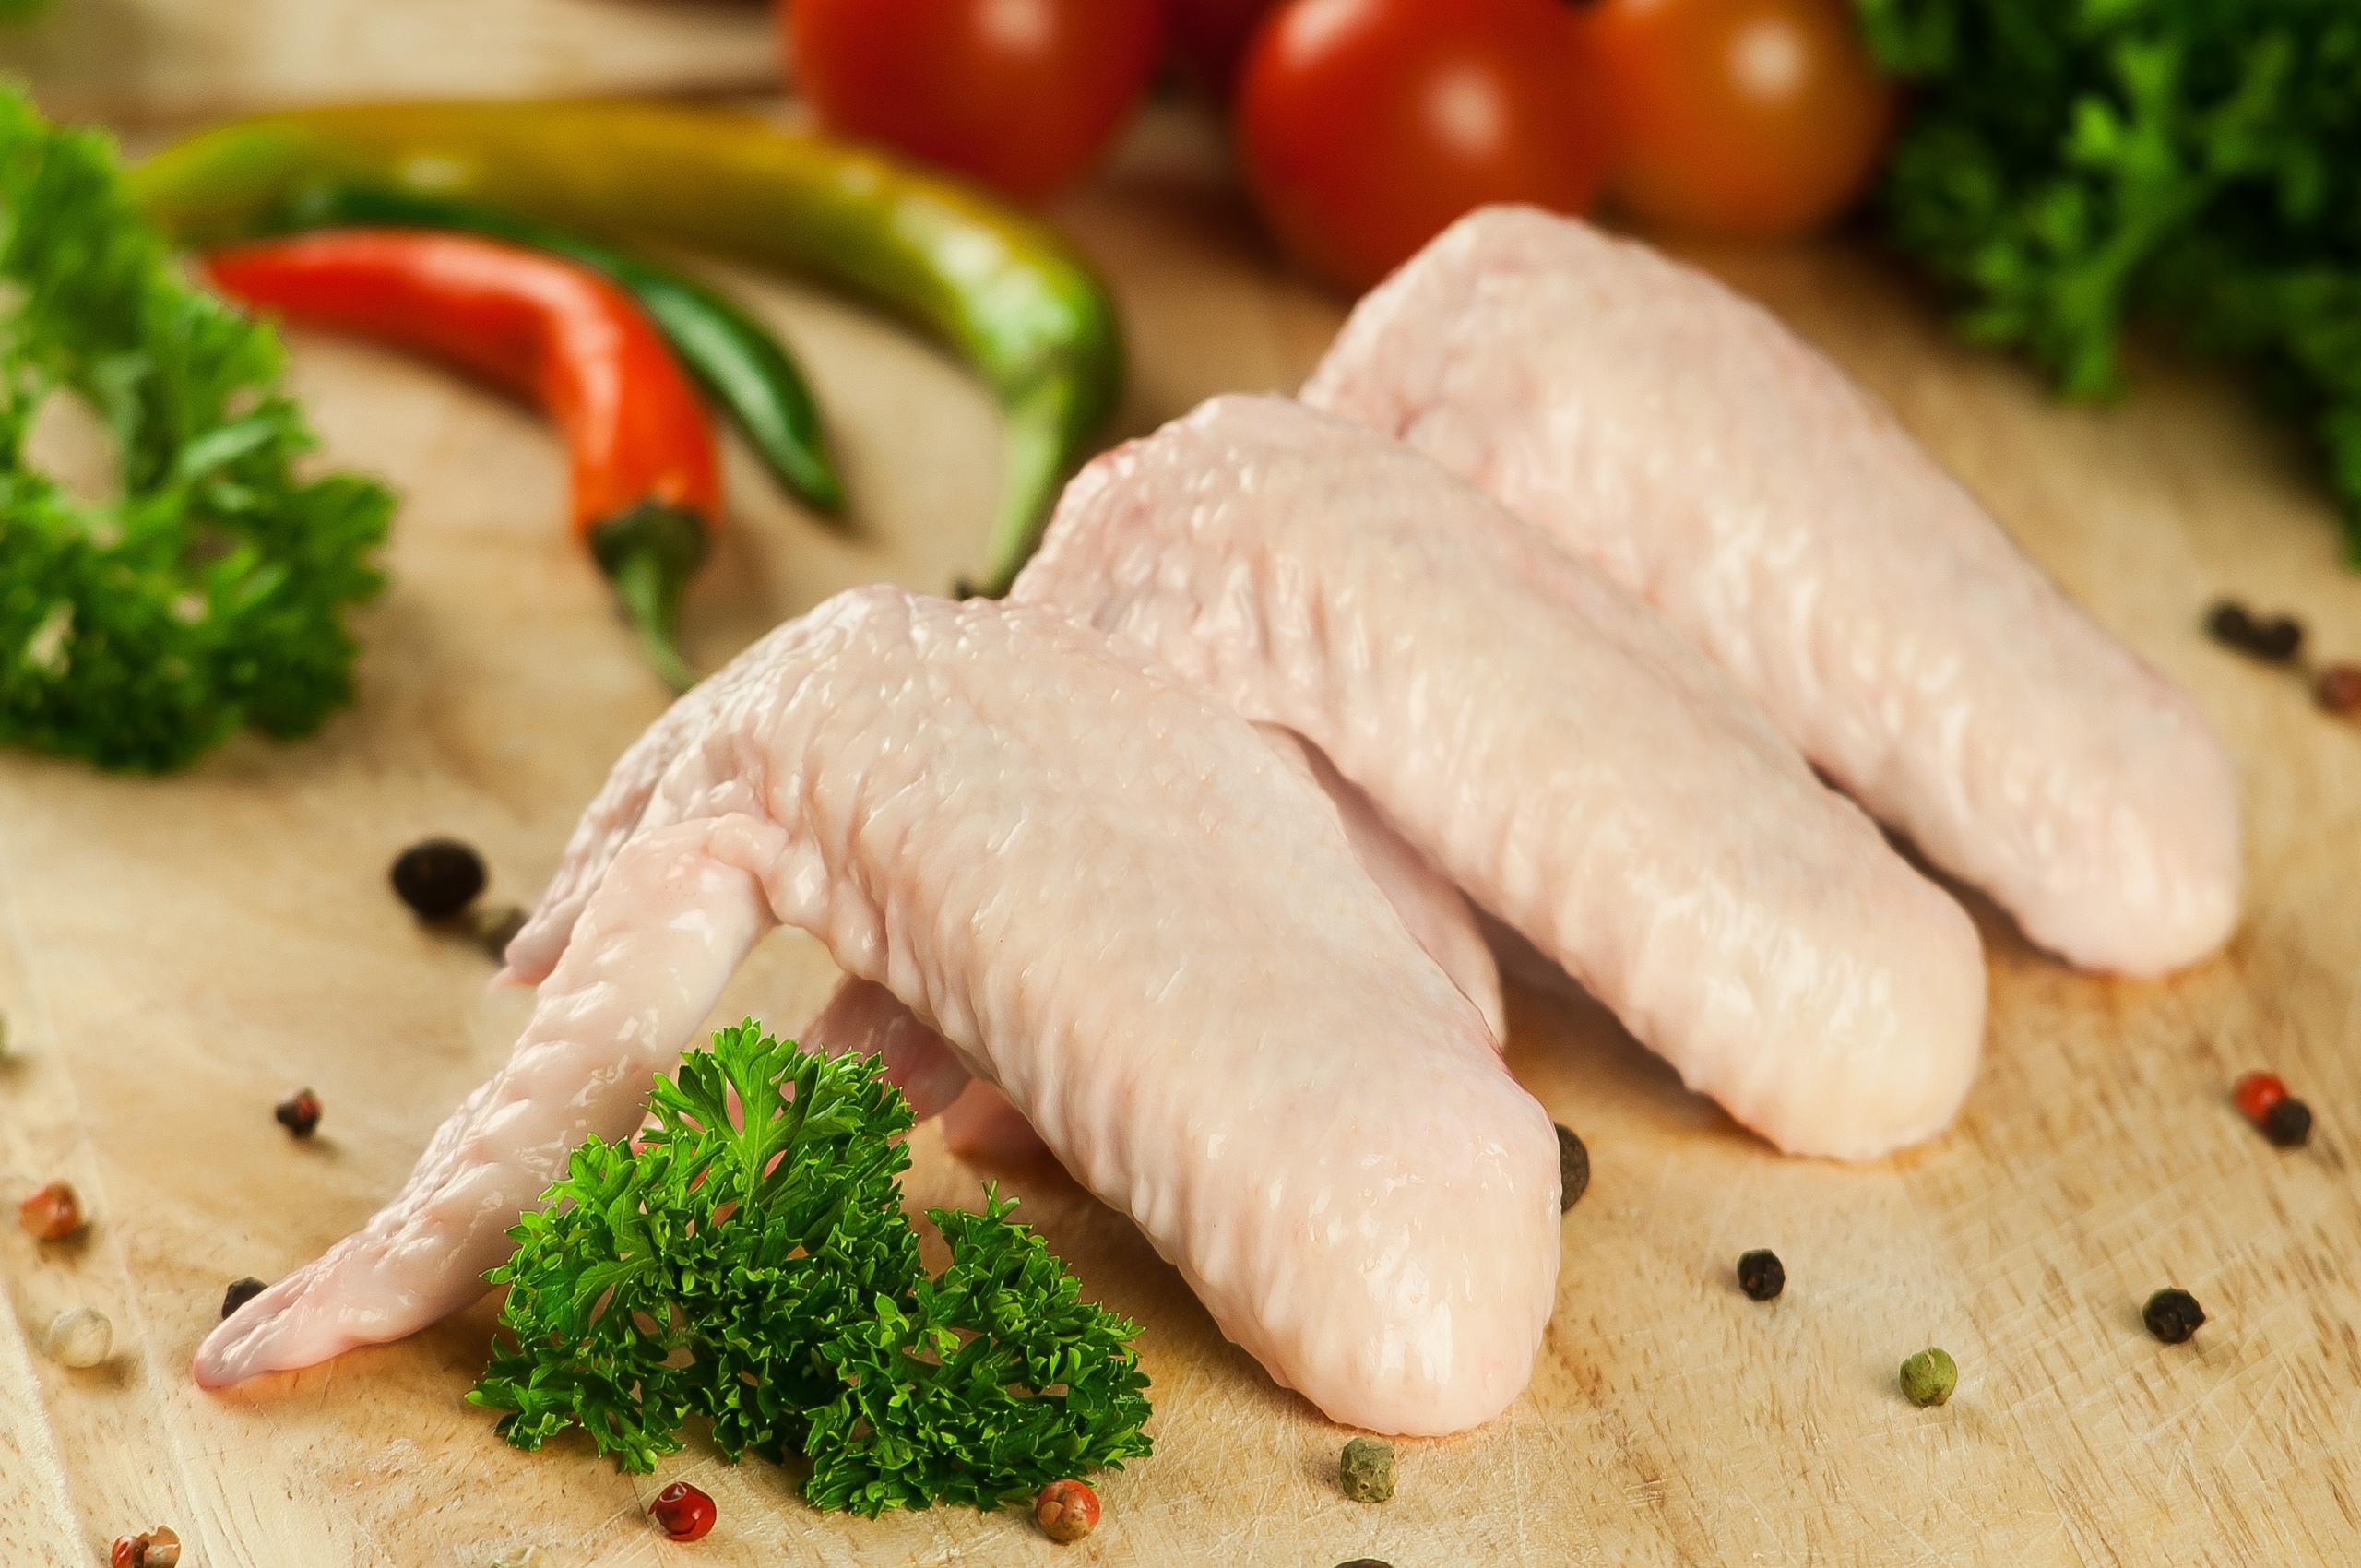 Осташков. в мясе опасные бактерии